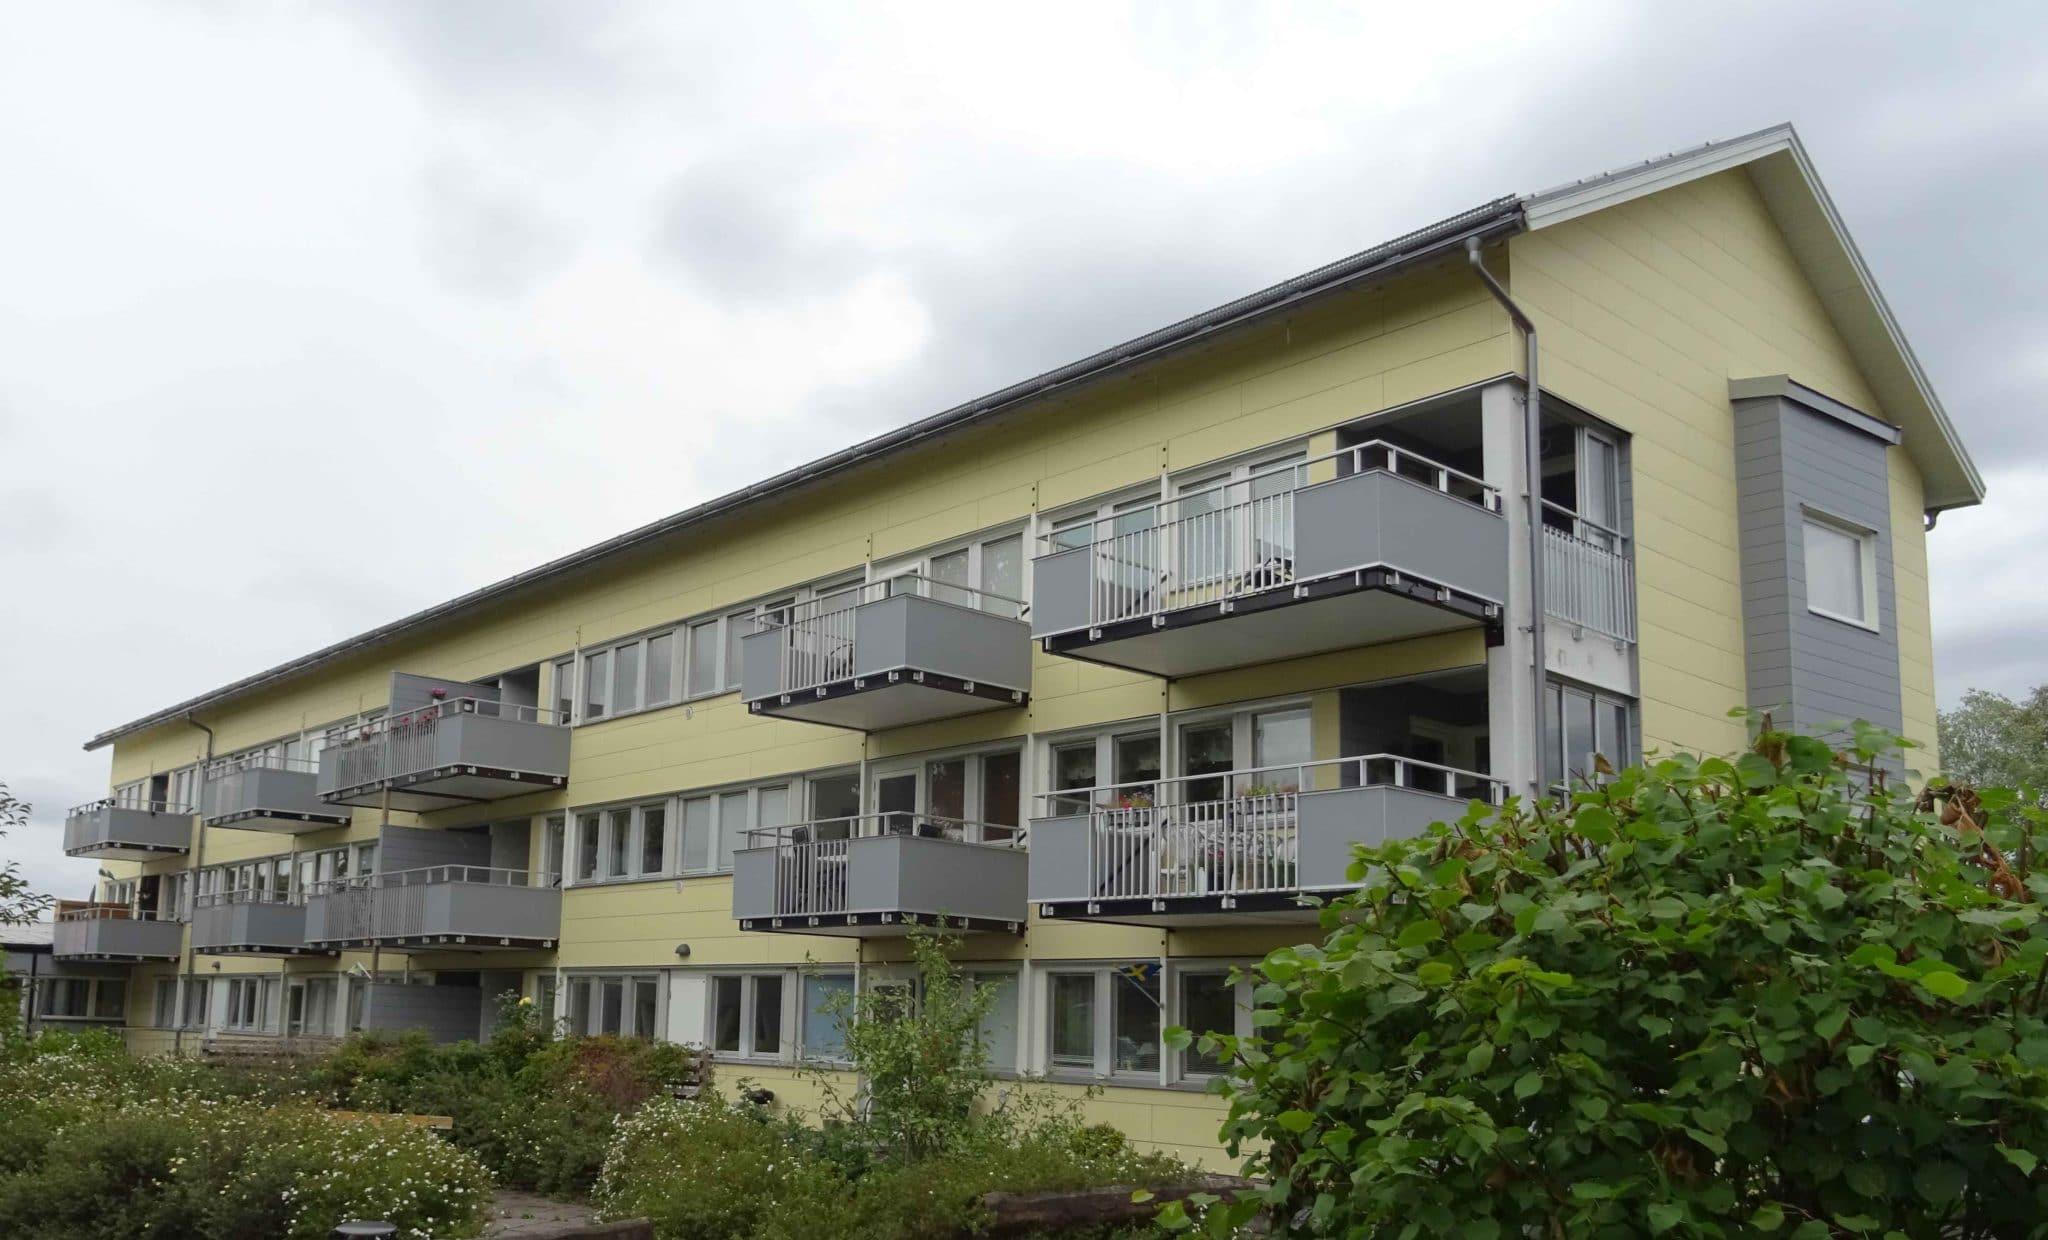 Renovering med bla ny fasad, tak och decentraliserad ventilation från Energy Building